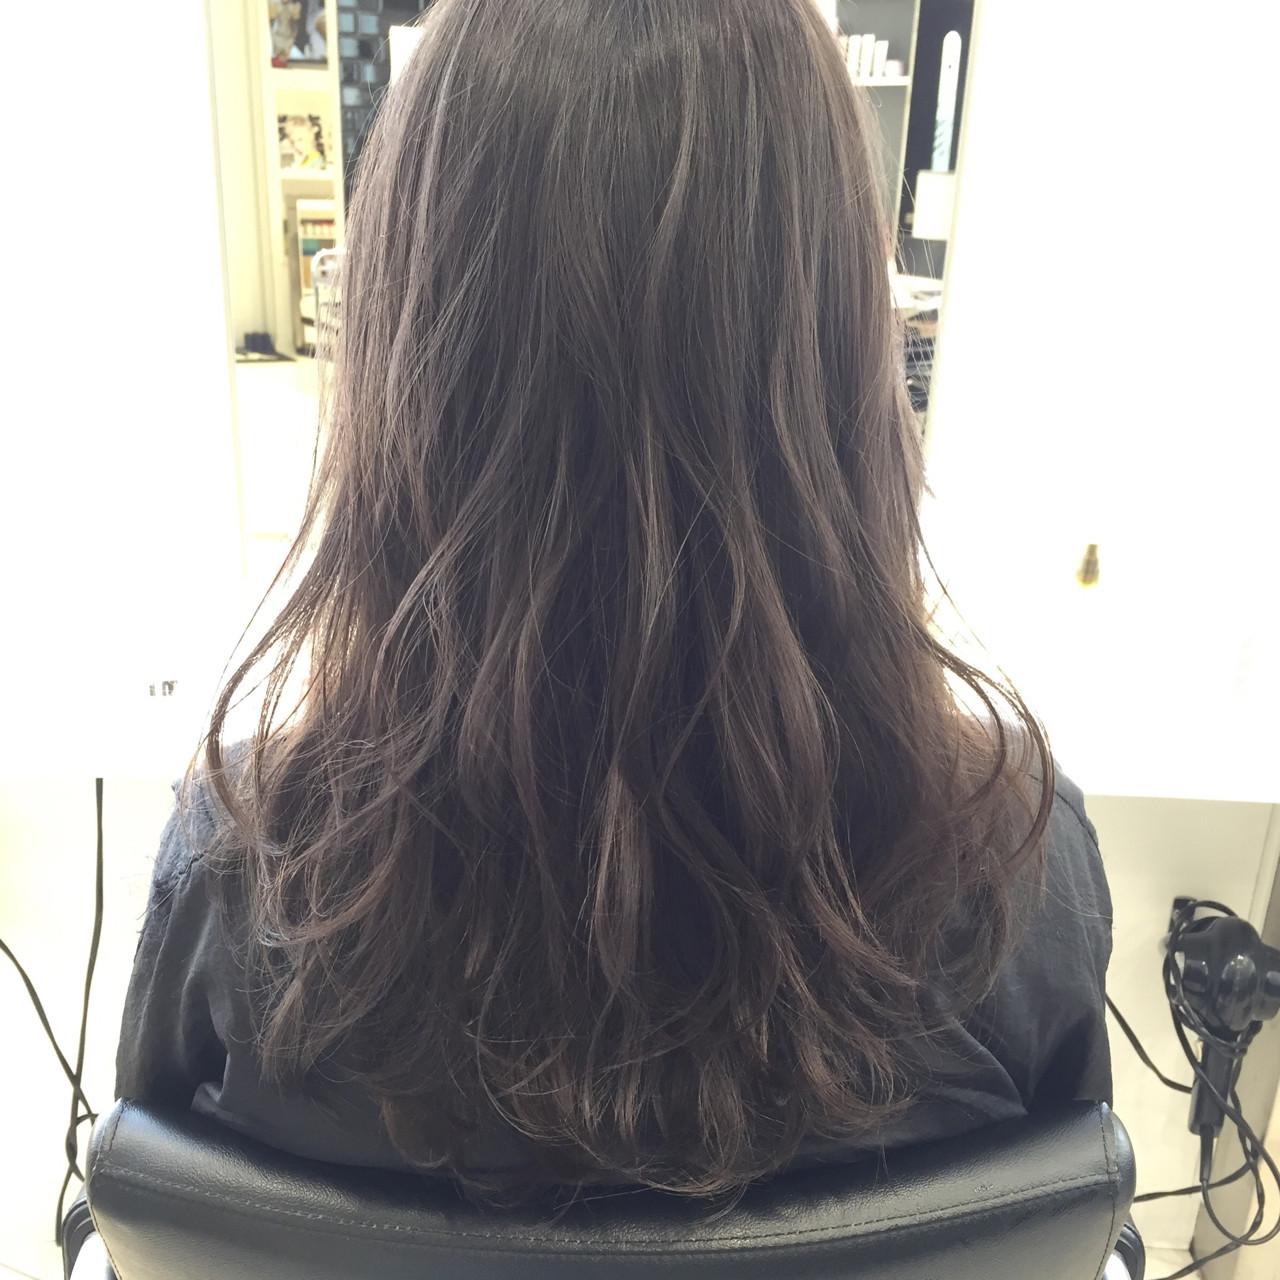 ハイトーン モード アッシュ セミロング ヘアスタイルや髪型の写真・画像